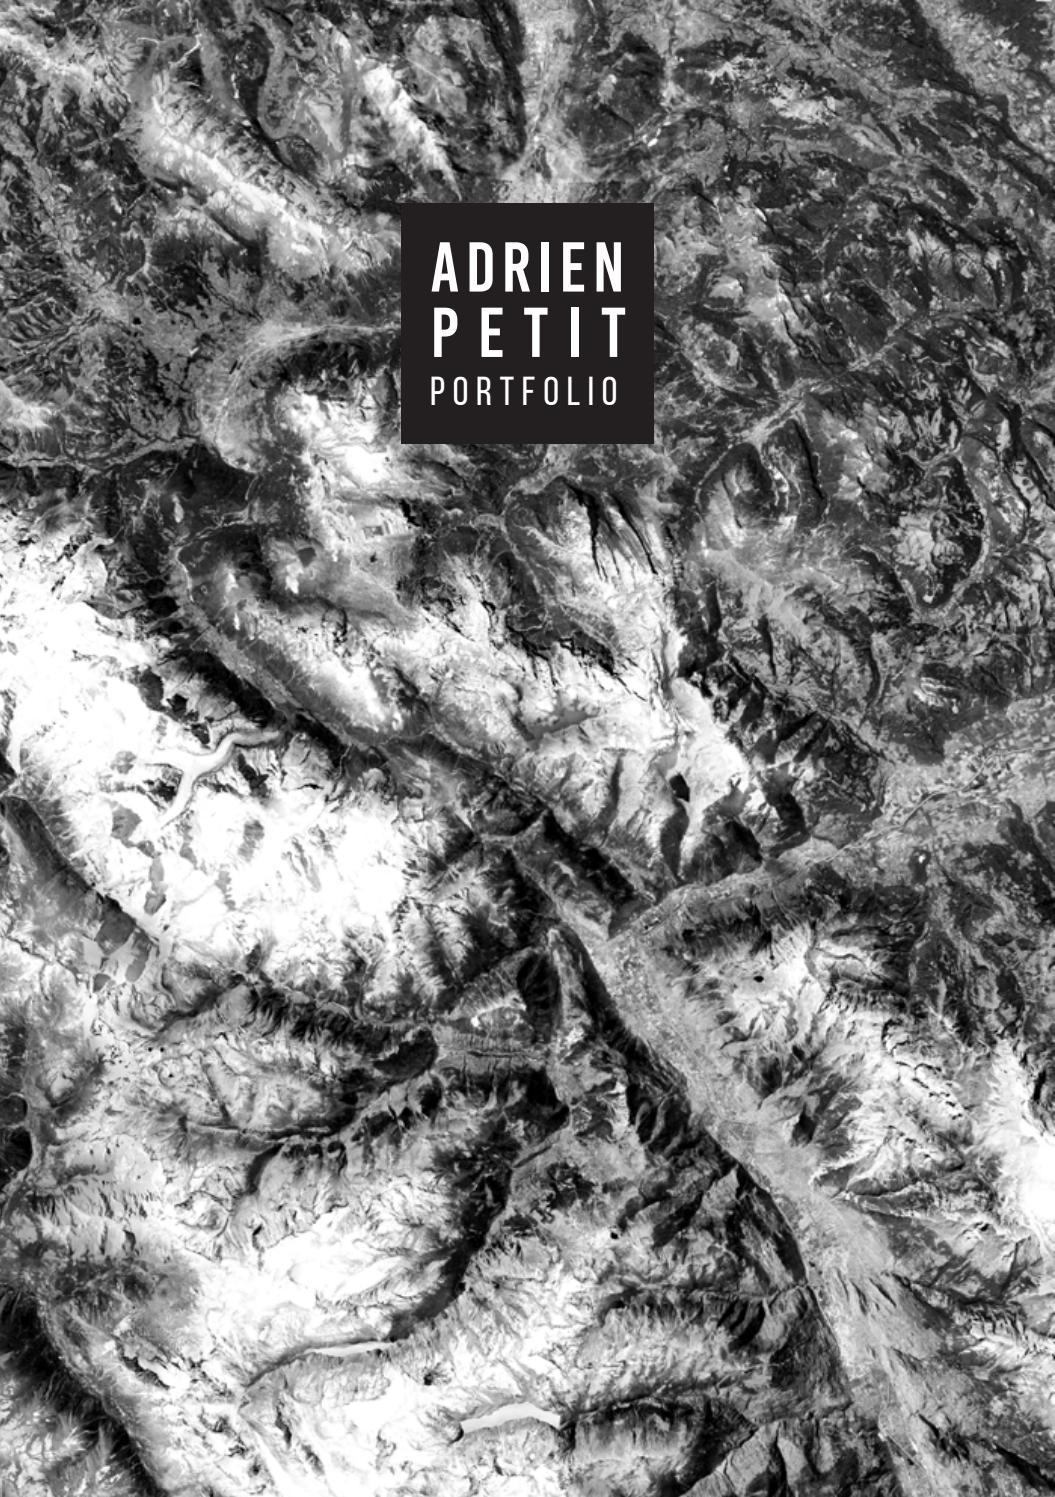 adrien petit - portfolio by adrien petit